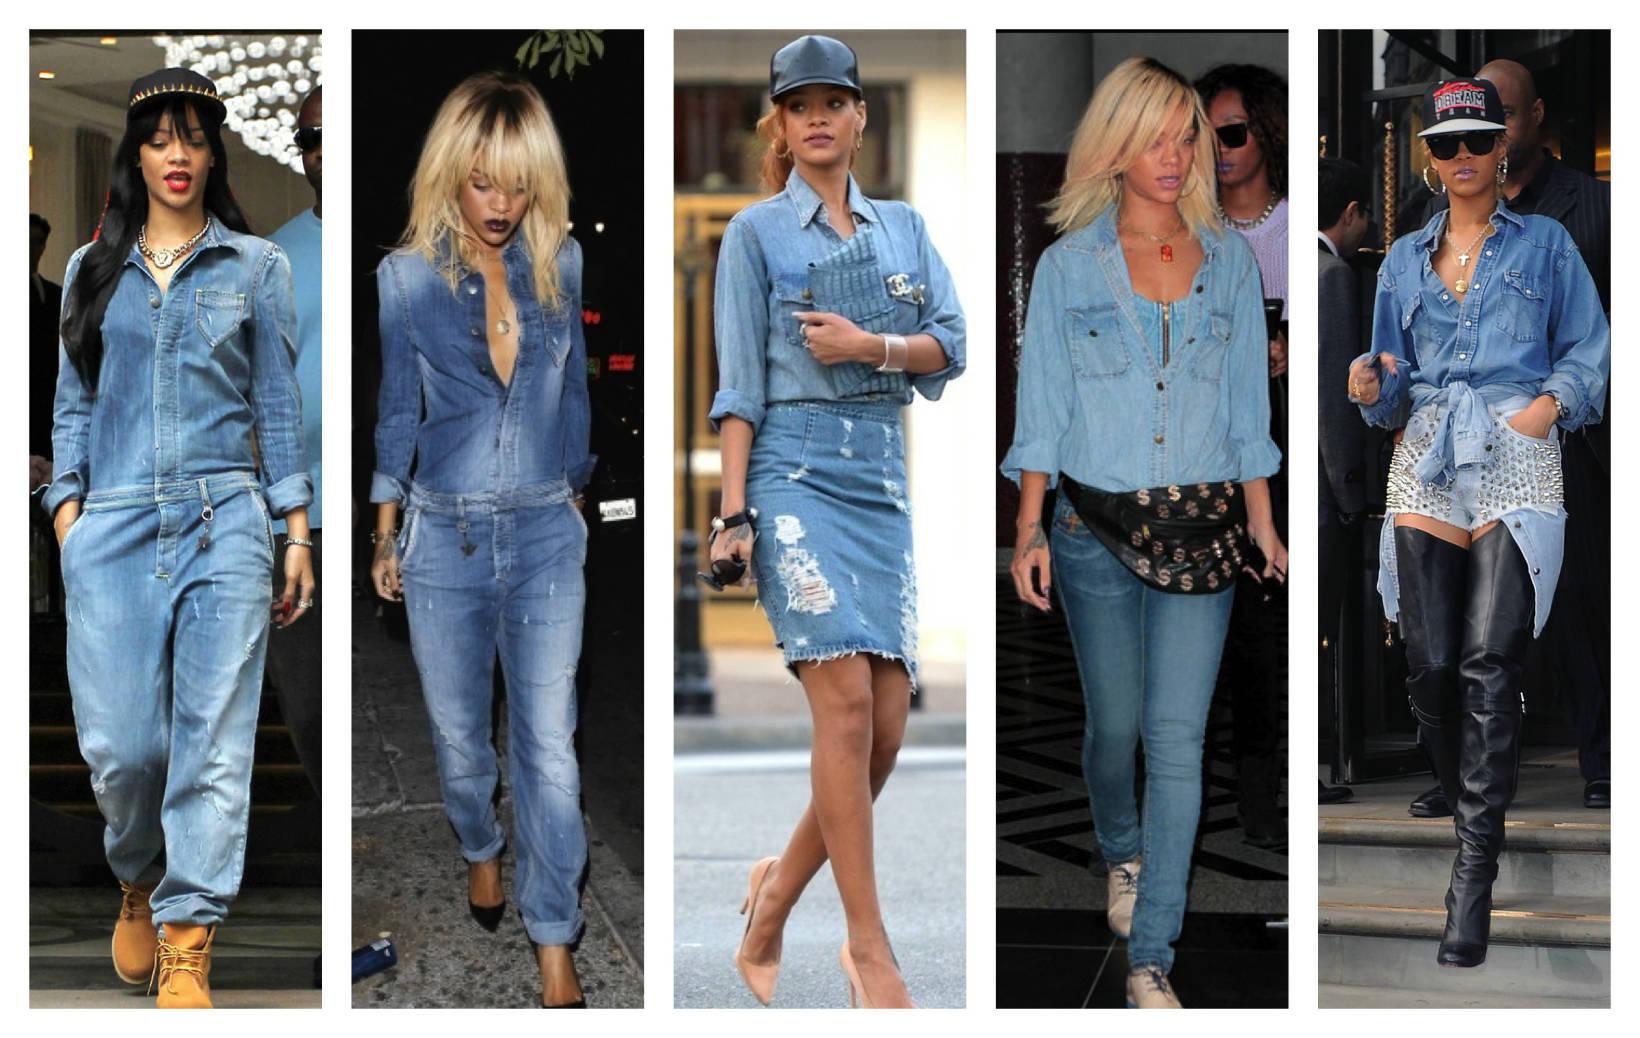 Джинсовый стиль одежды